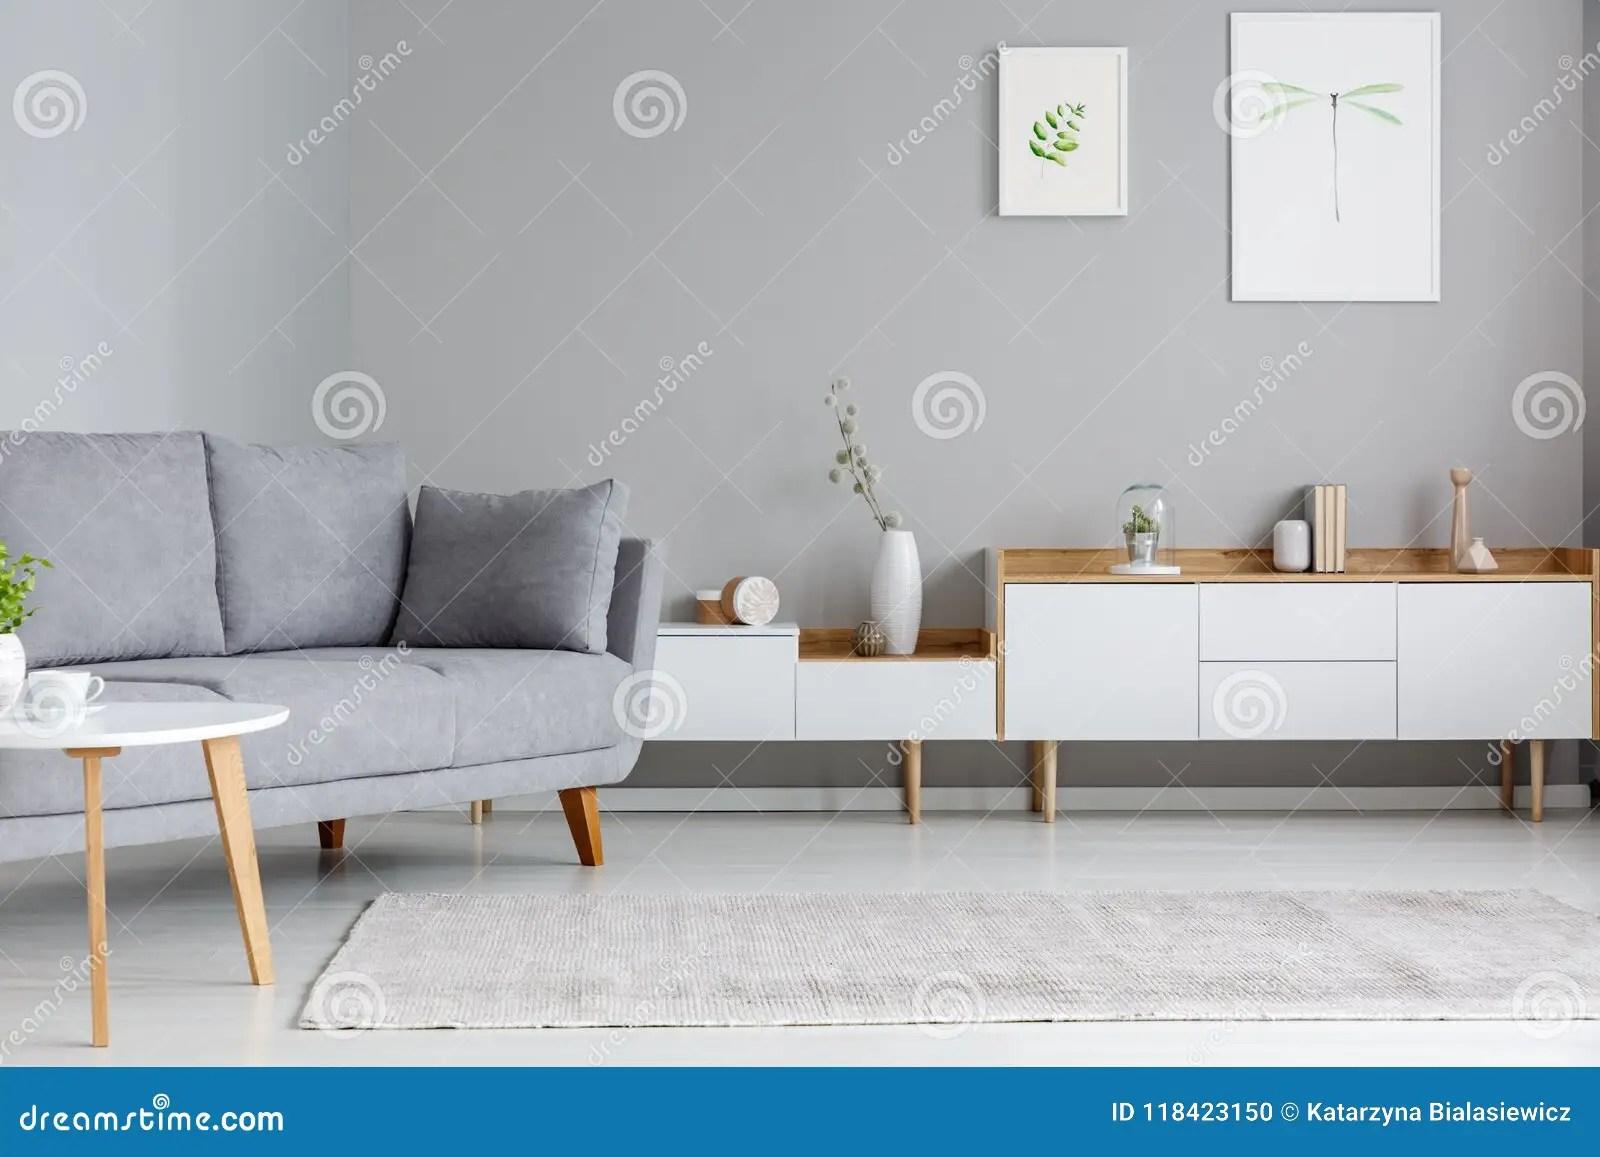 Pavimento Bianco Colore Pareti : Soggiorno moderno pavimento grigio pavimento grigio scuro colore